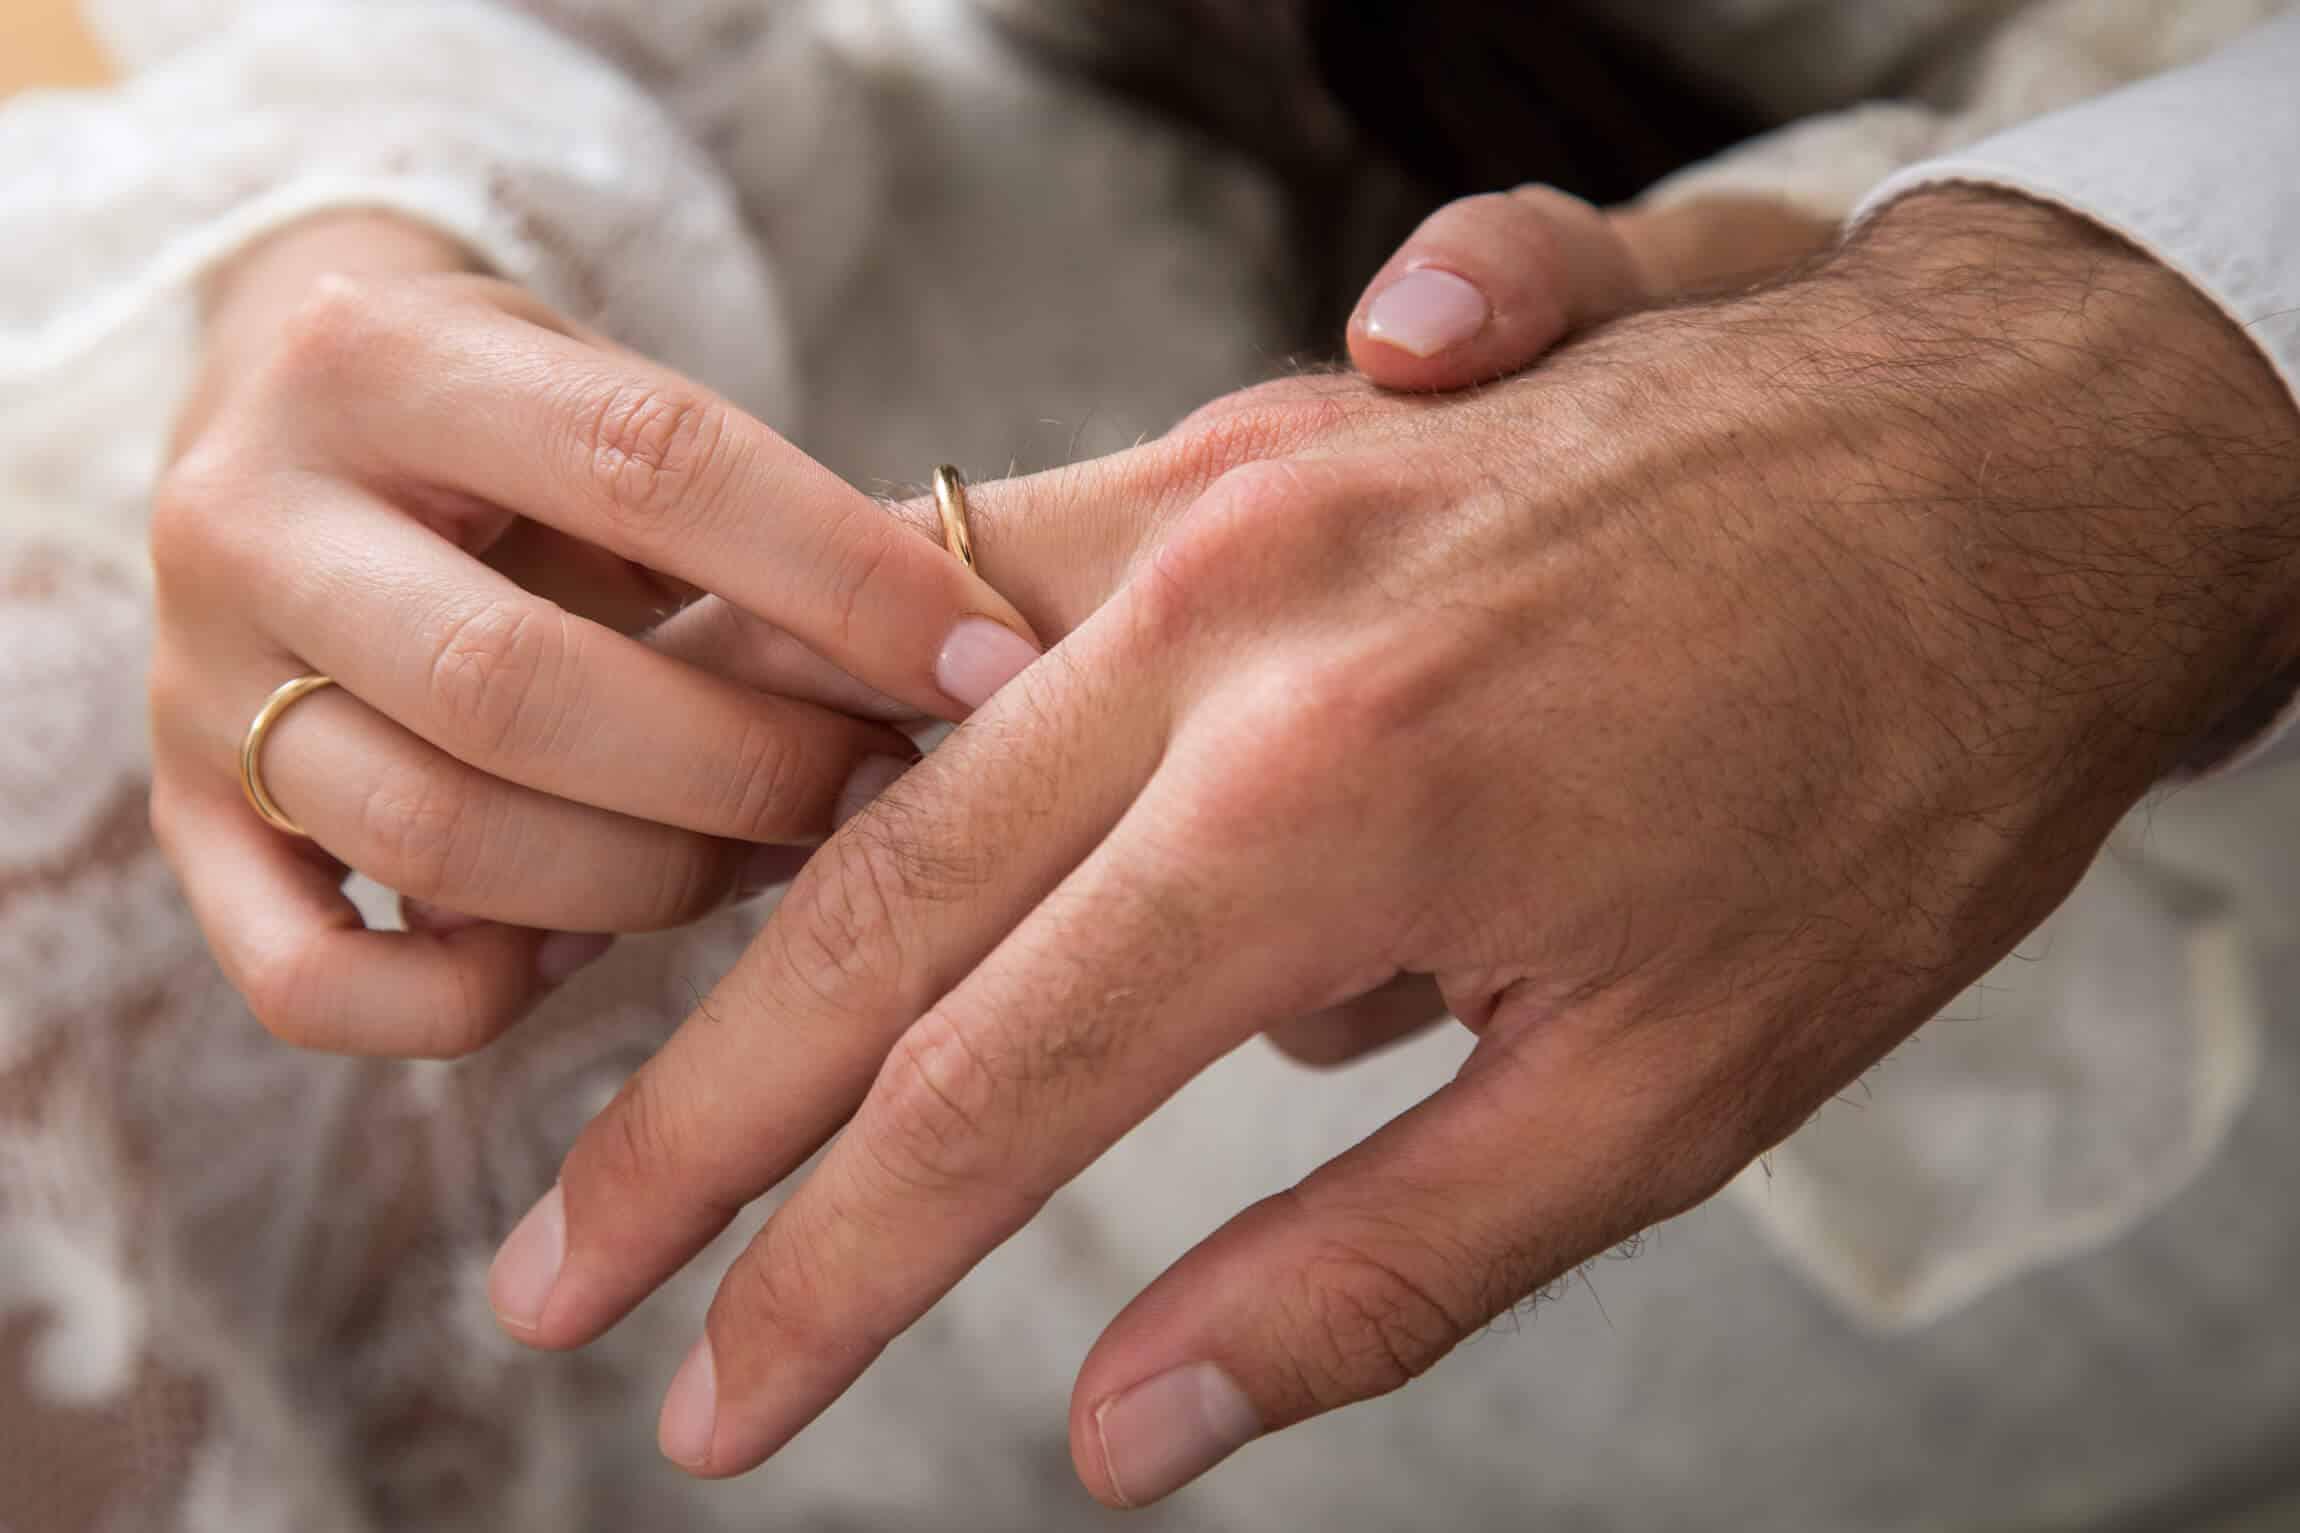 Royale Hochzeit im jordanischen Königshaus